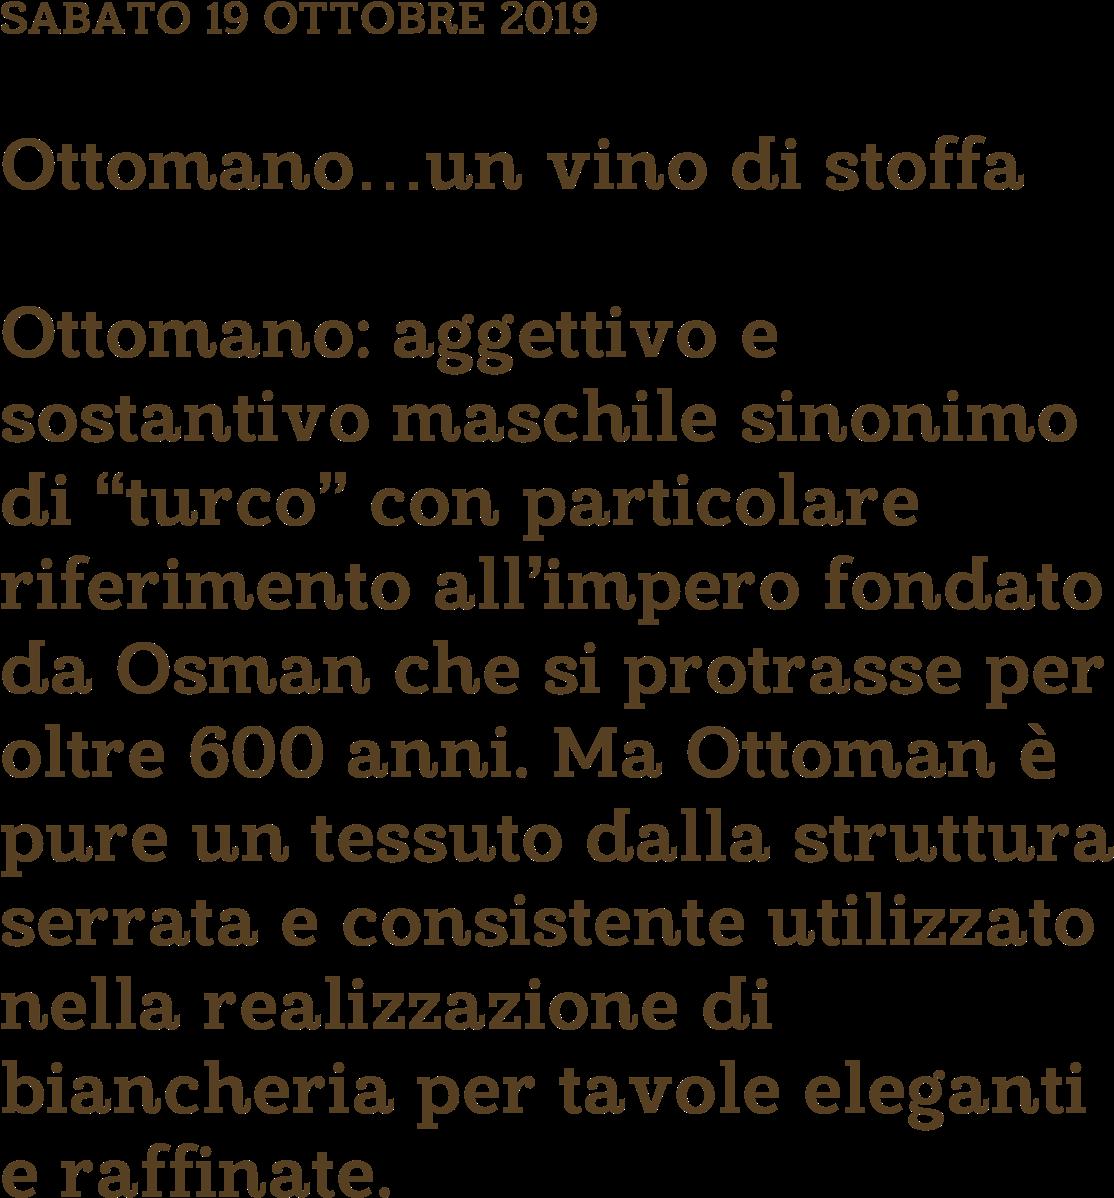 """Ottomano…un vino di stoffa Ottomano: aggettivo e sostantivo maschile sinonimo di """"turco"""" con particolare riferimento all'impero fondato da Osman che si protrasse per oltre 600 anni. Ma Ottoman è pure un tessuto dalla struttura serrata e consistente utilizzato nella realizzazione di biancheria per tavole eleganti e raffinate."""